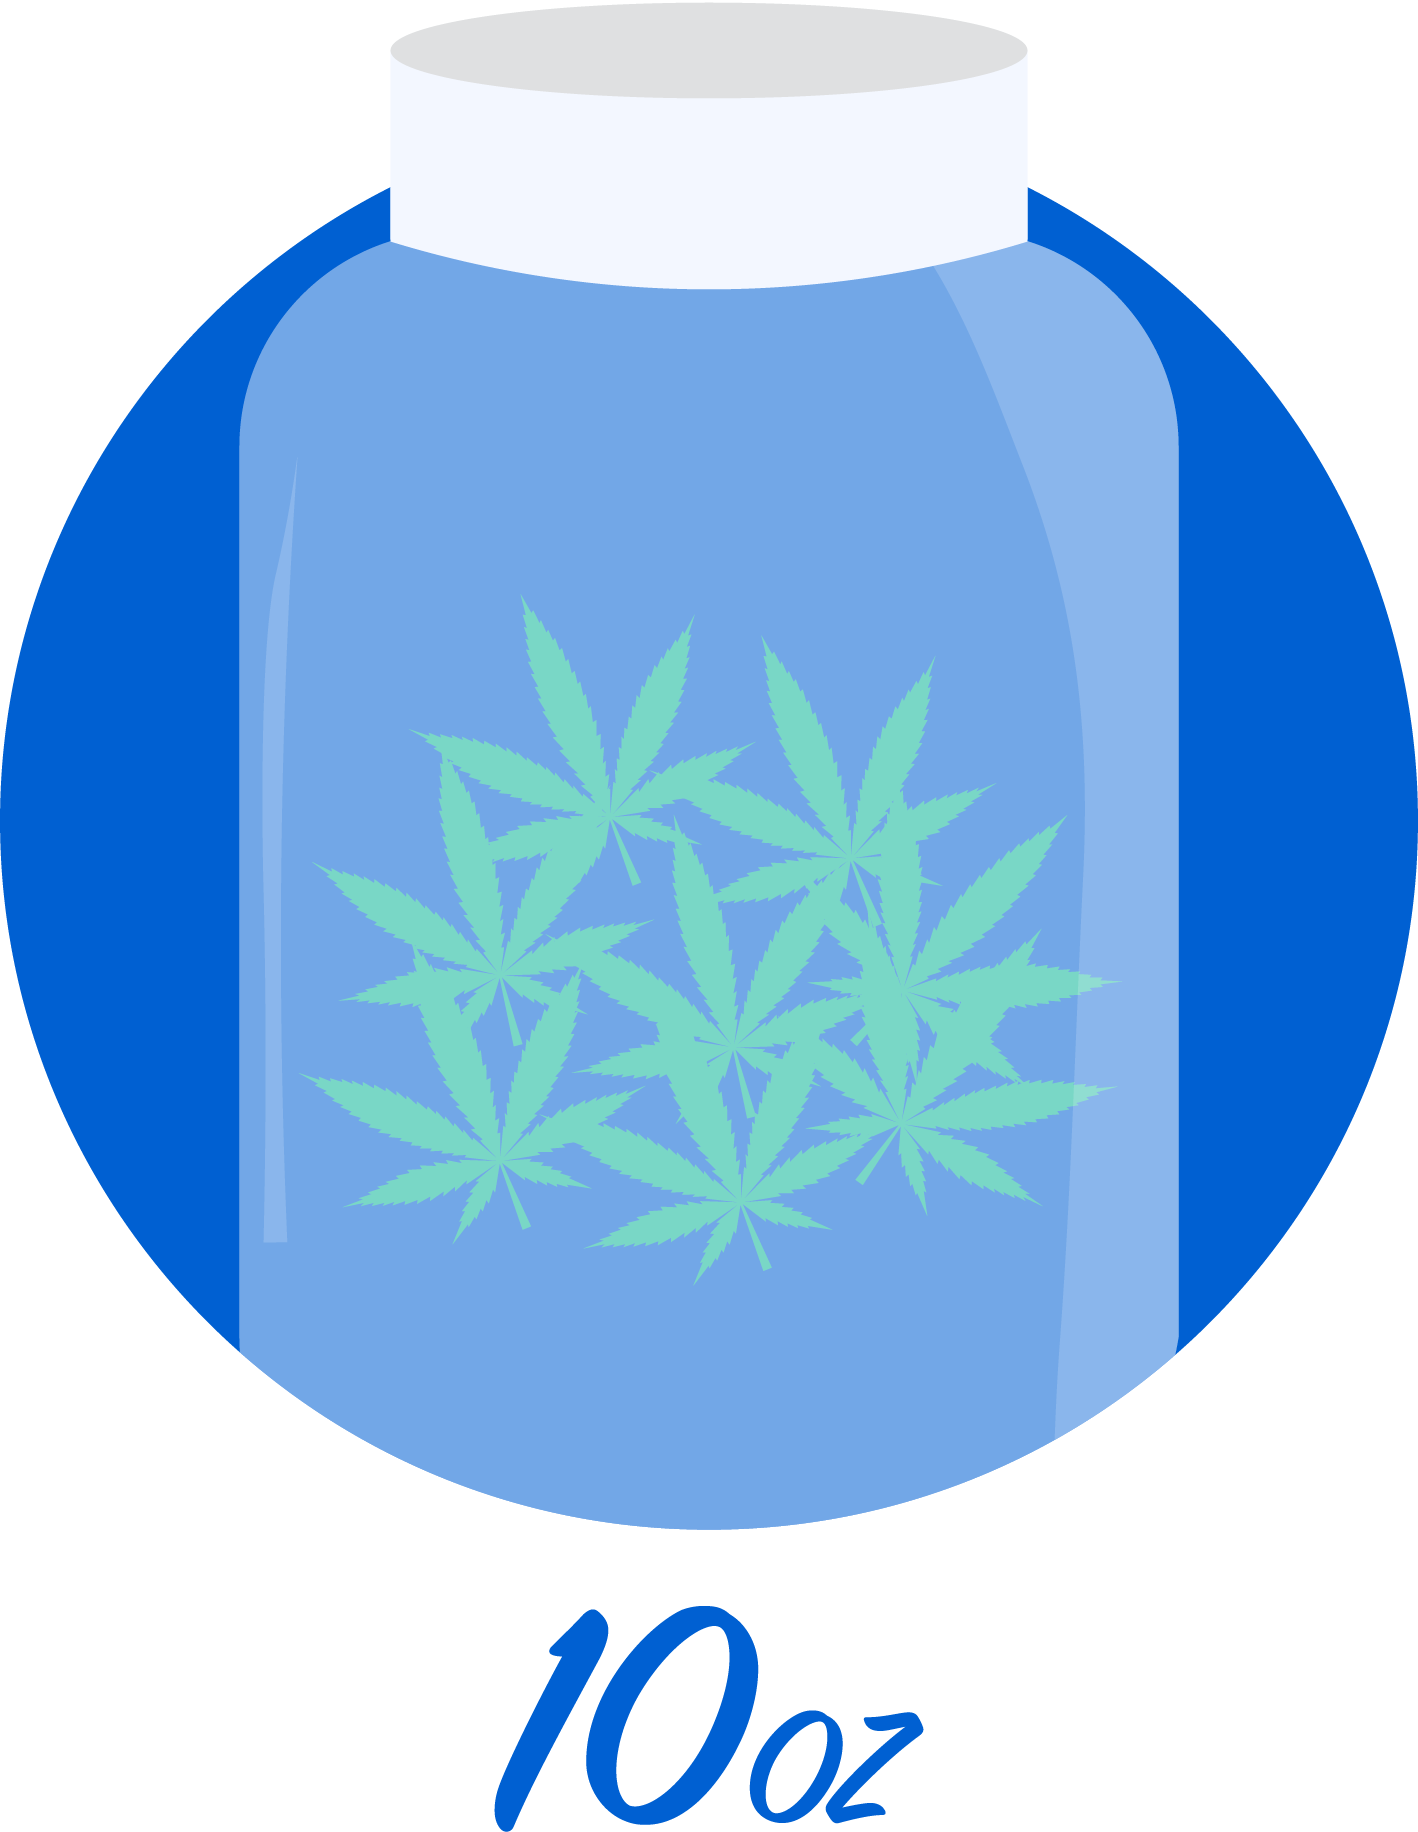 Massachusetts Marijuana Laws: Marijuana possession limits & laws